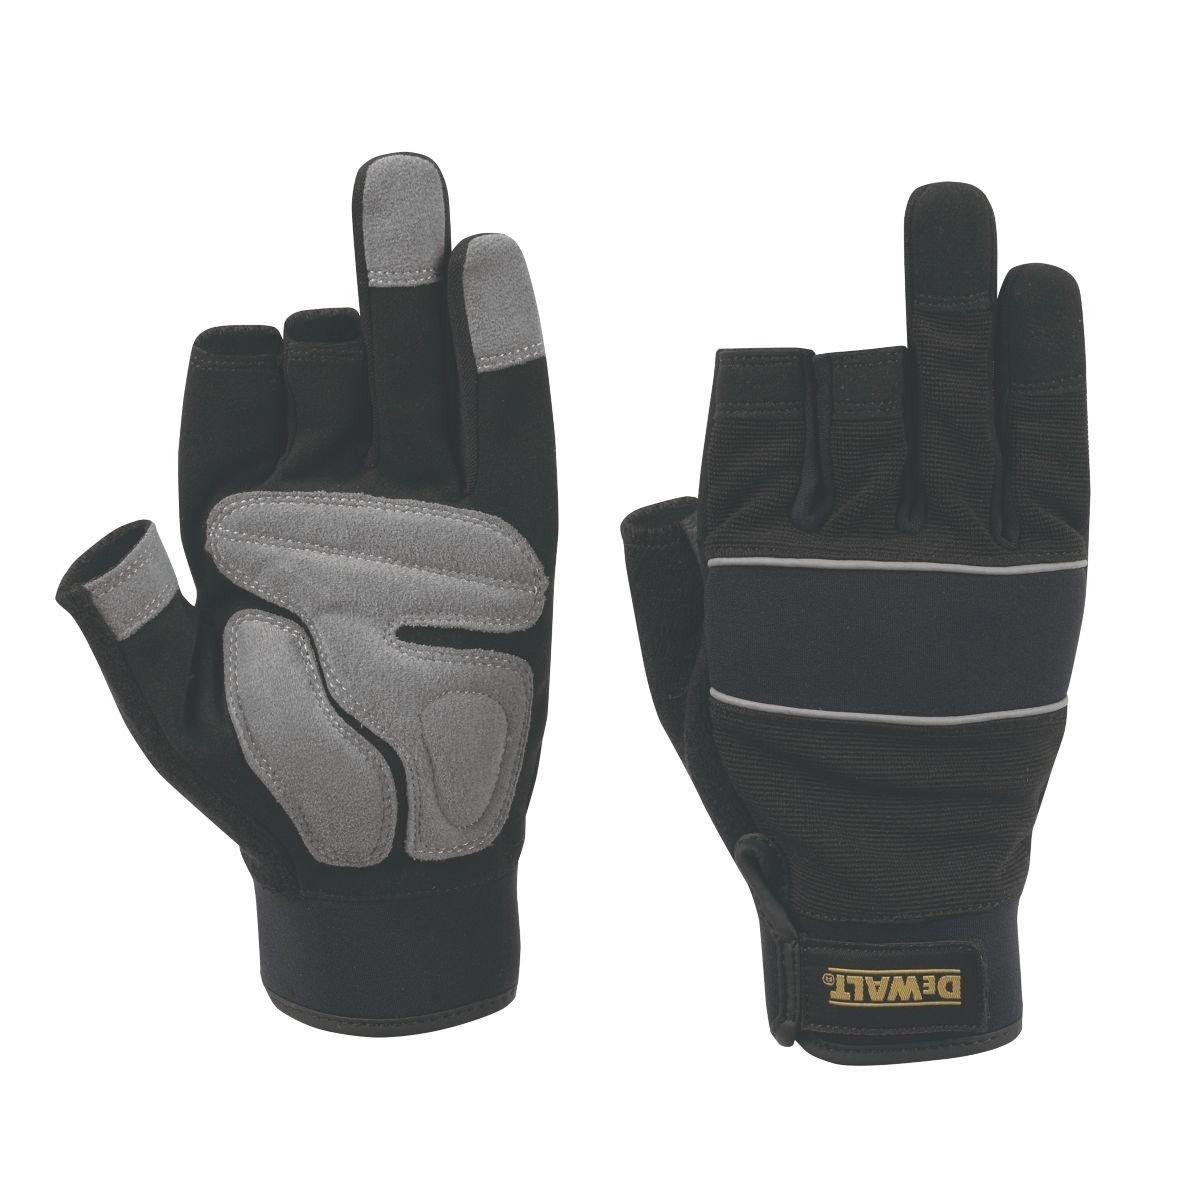 Leather work gloves screwfix - Dewalt Performance Performance 3 Finger Framers Gloves Black Grey Large